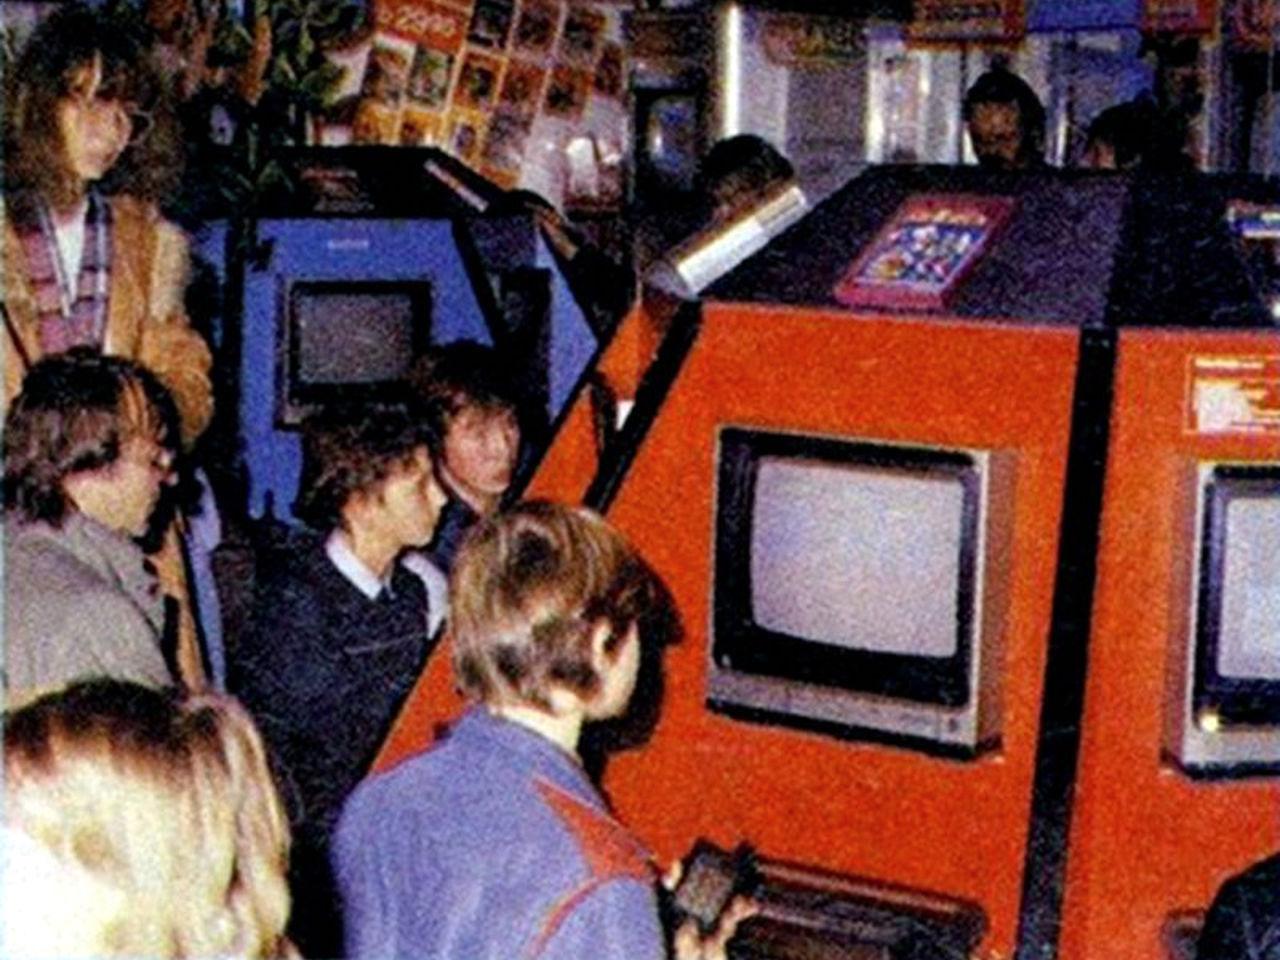 Jugendliche bei Videomagic in München. (Bild: Marshall Cavendish)